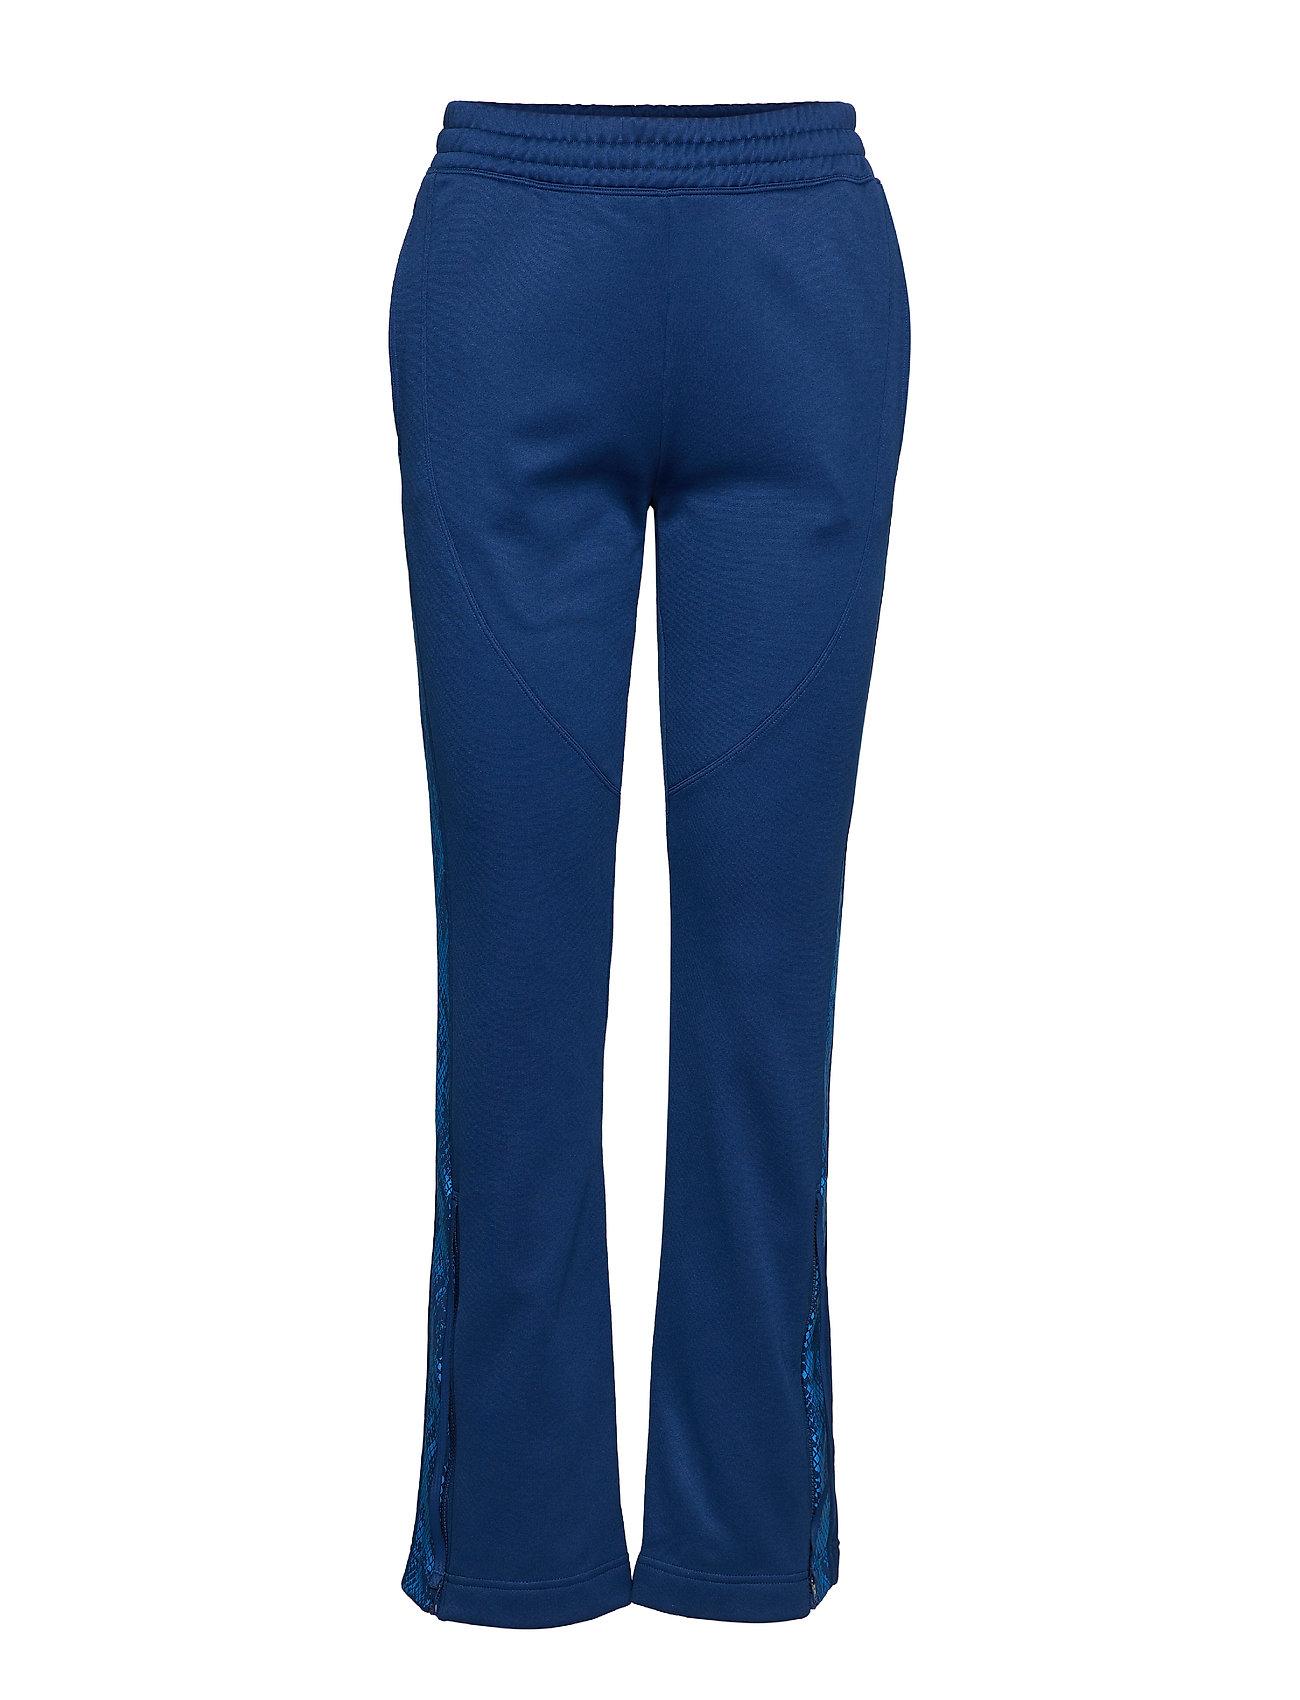 adidas by Stella McCartney TRACK PANT - MYSBLU